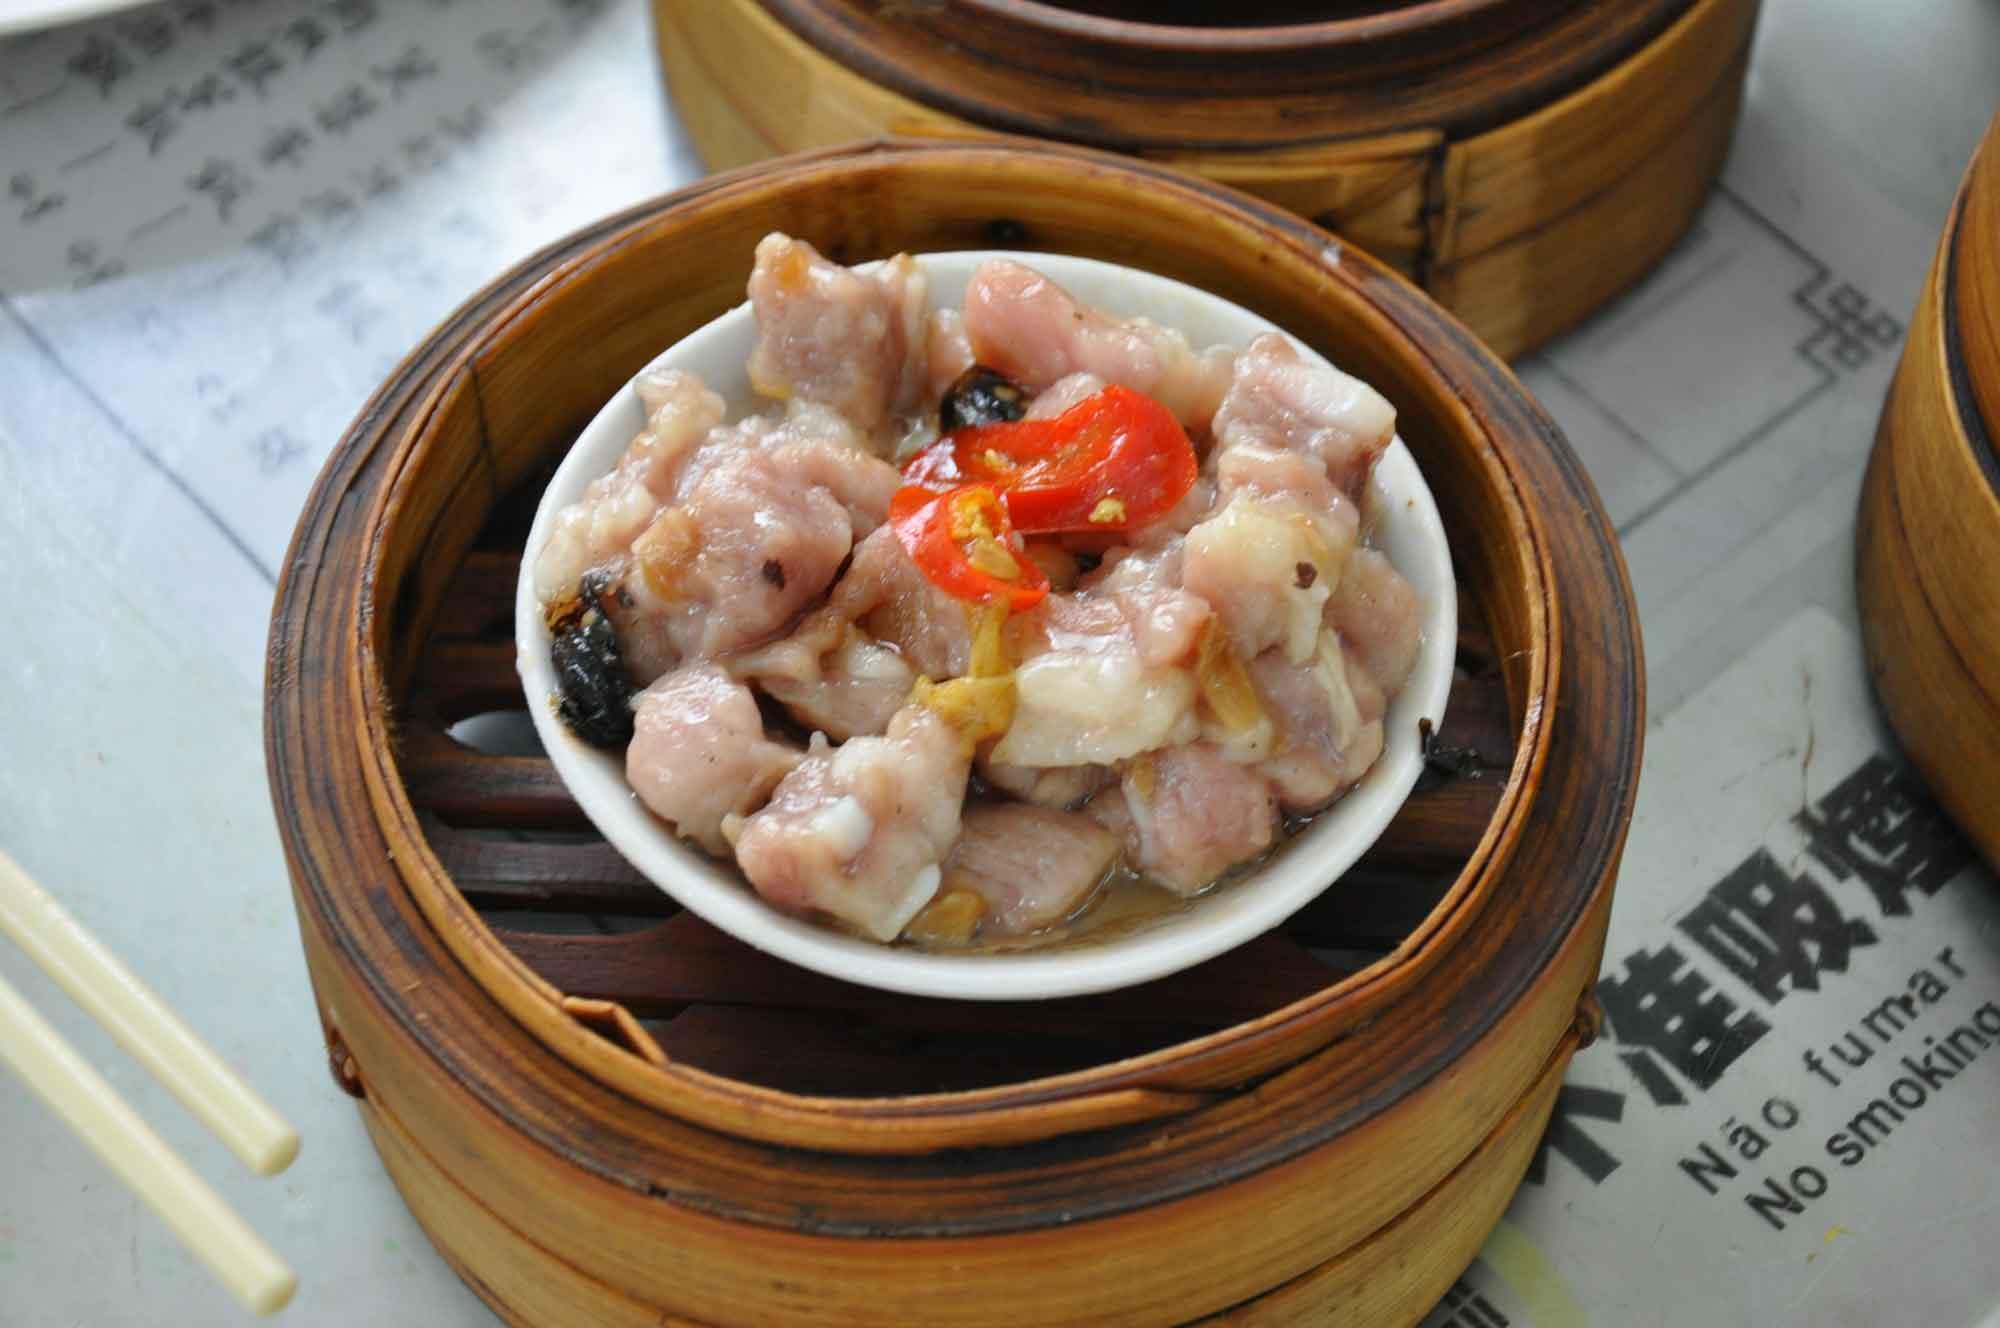 Long Wa Teahouse Macau steamed pork ribs